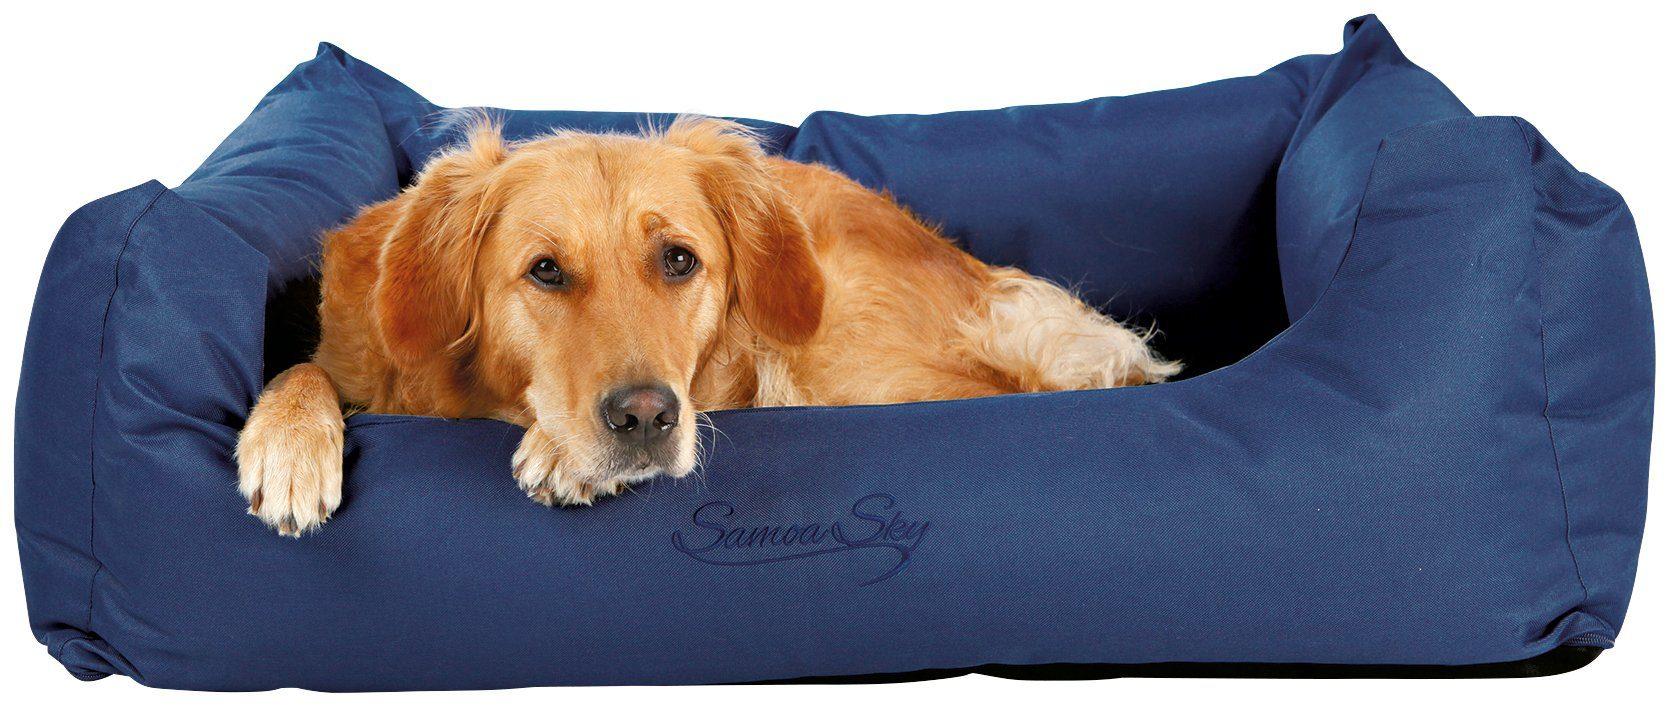 Hunde-Bett »Samoa Sky«, BxL: 100x80 cm, blau